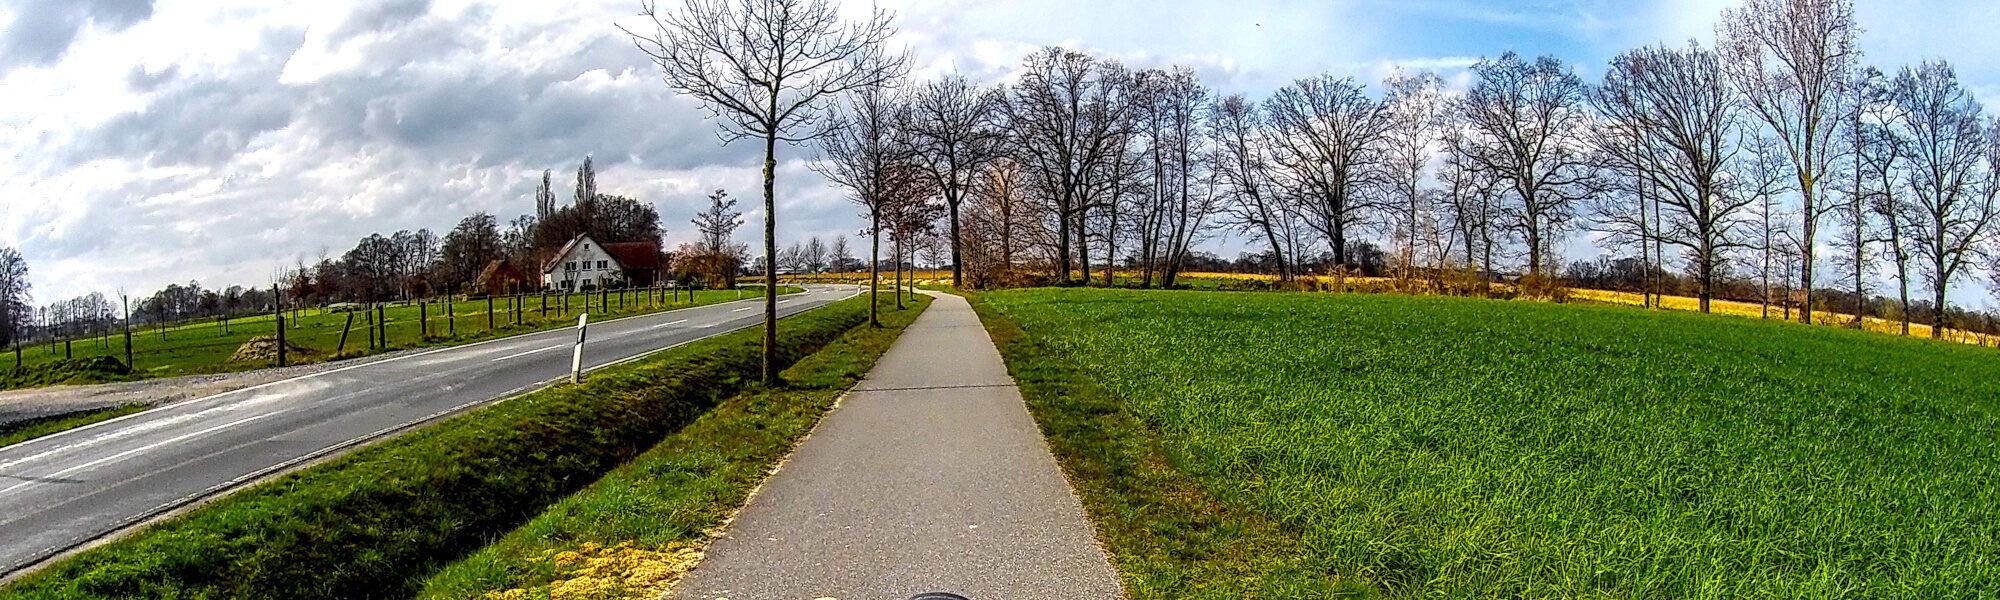 Ostwestfalen-Lippe – mehr als nur modder und Pättken